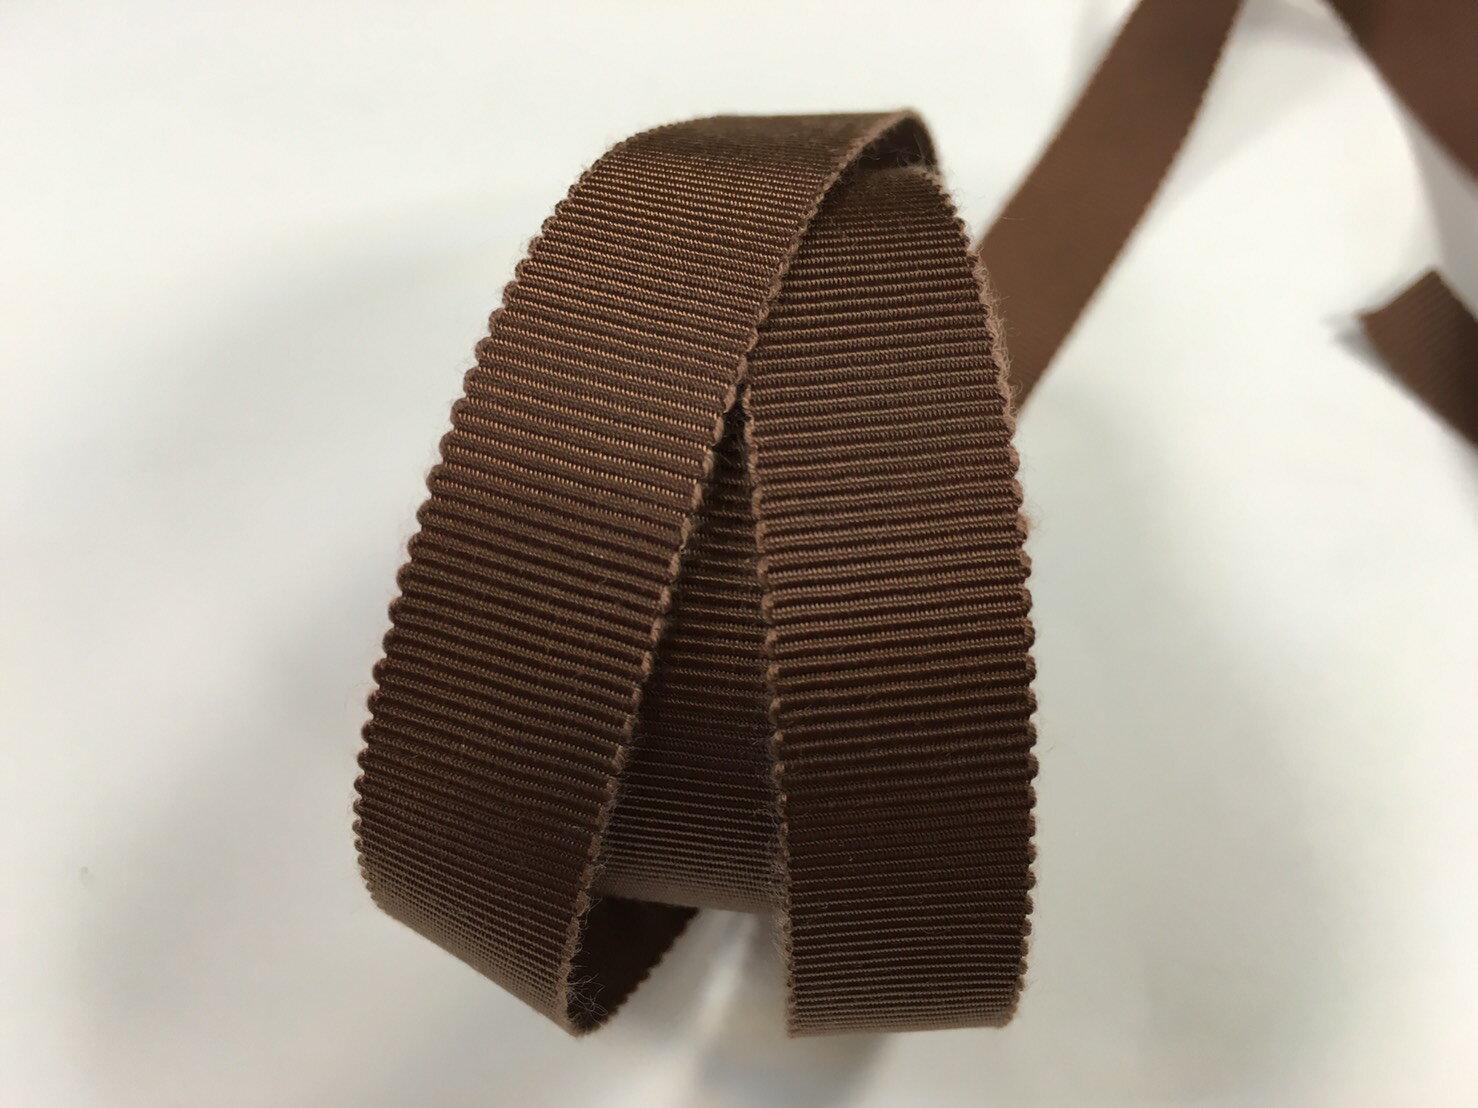 迴紋帶 羅紋緞帶 10mm 3碼 (22色) 日本製造台灣包裝 8